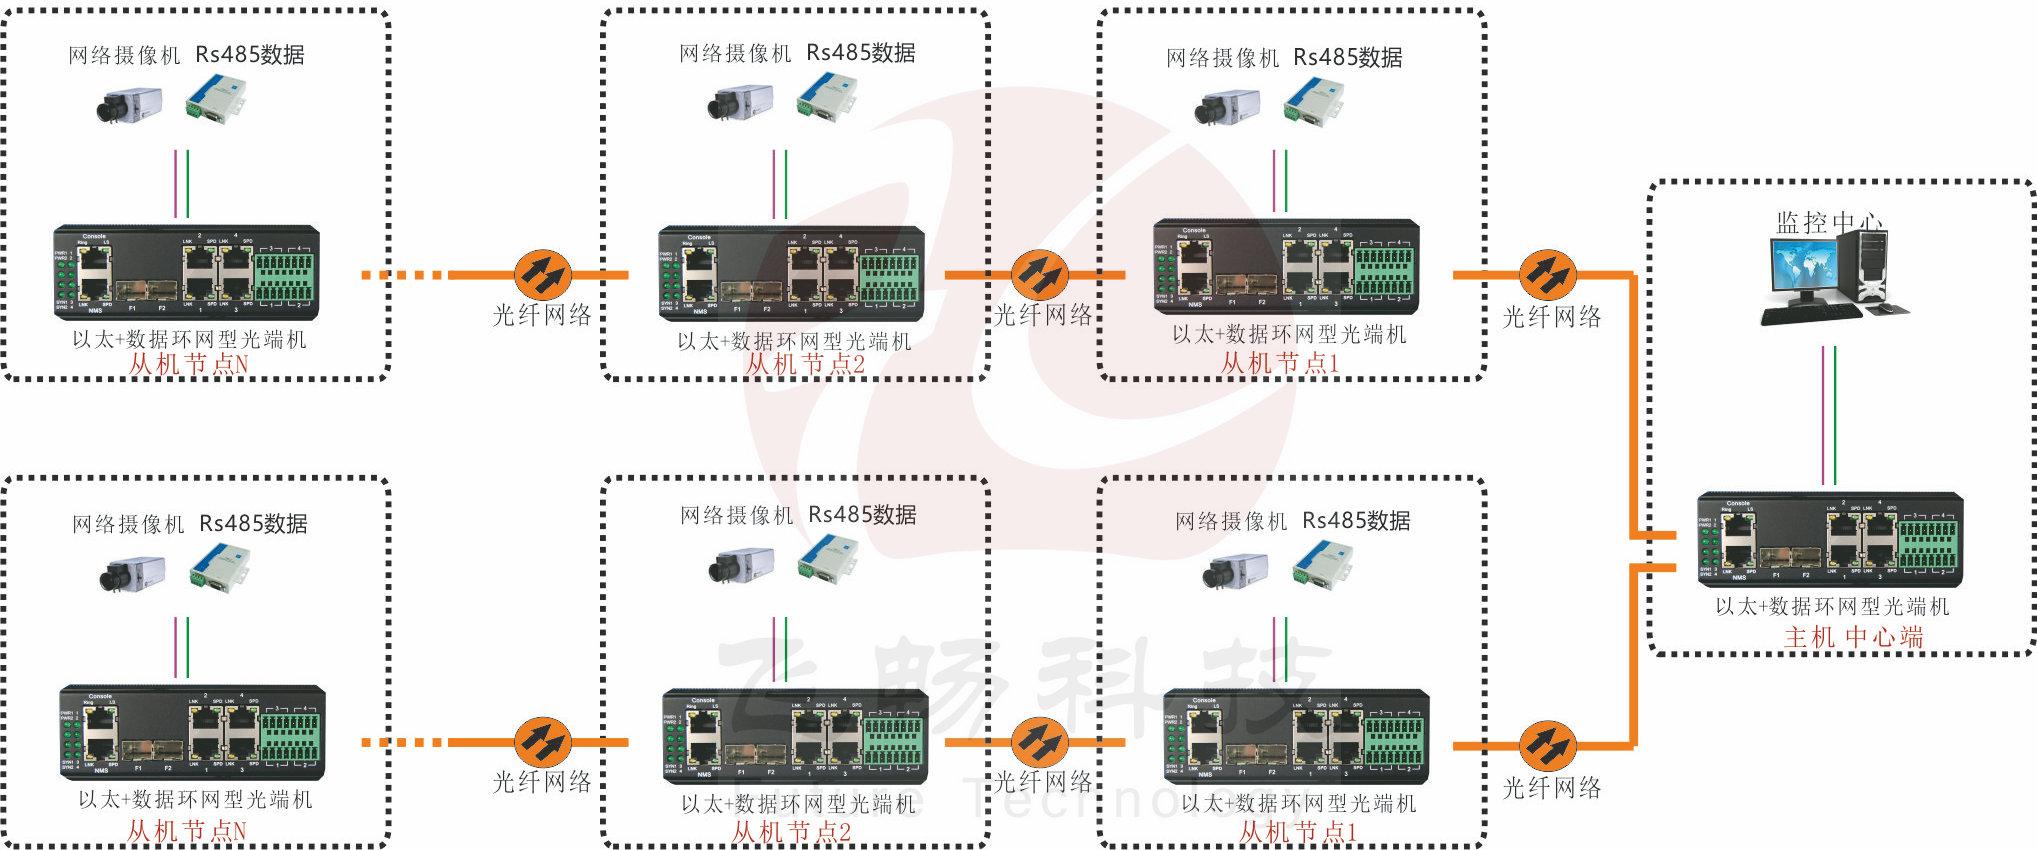 产品支持多种光纤网络拓扑结构:点对点通讯